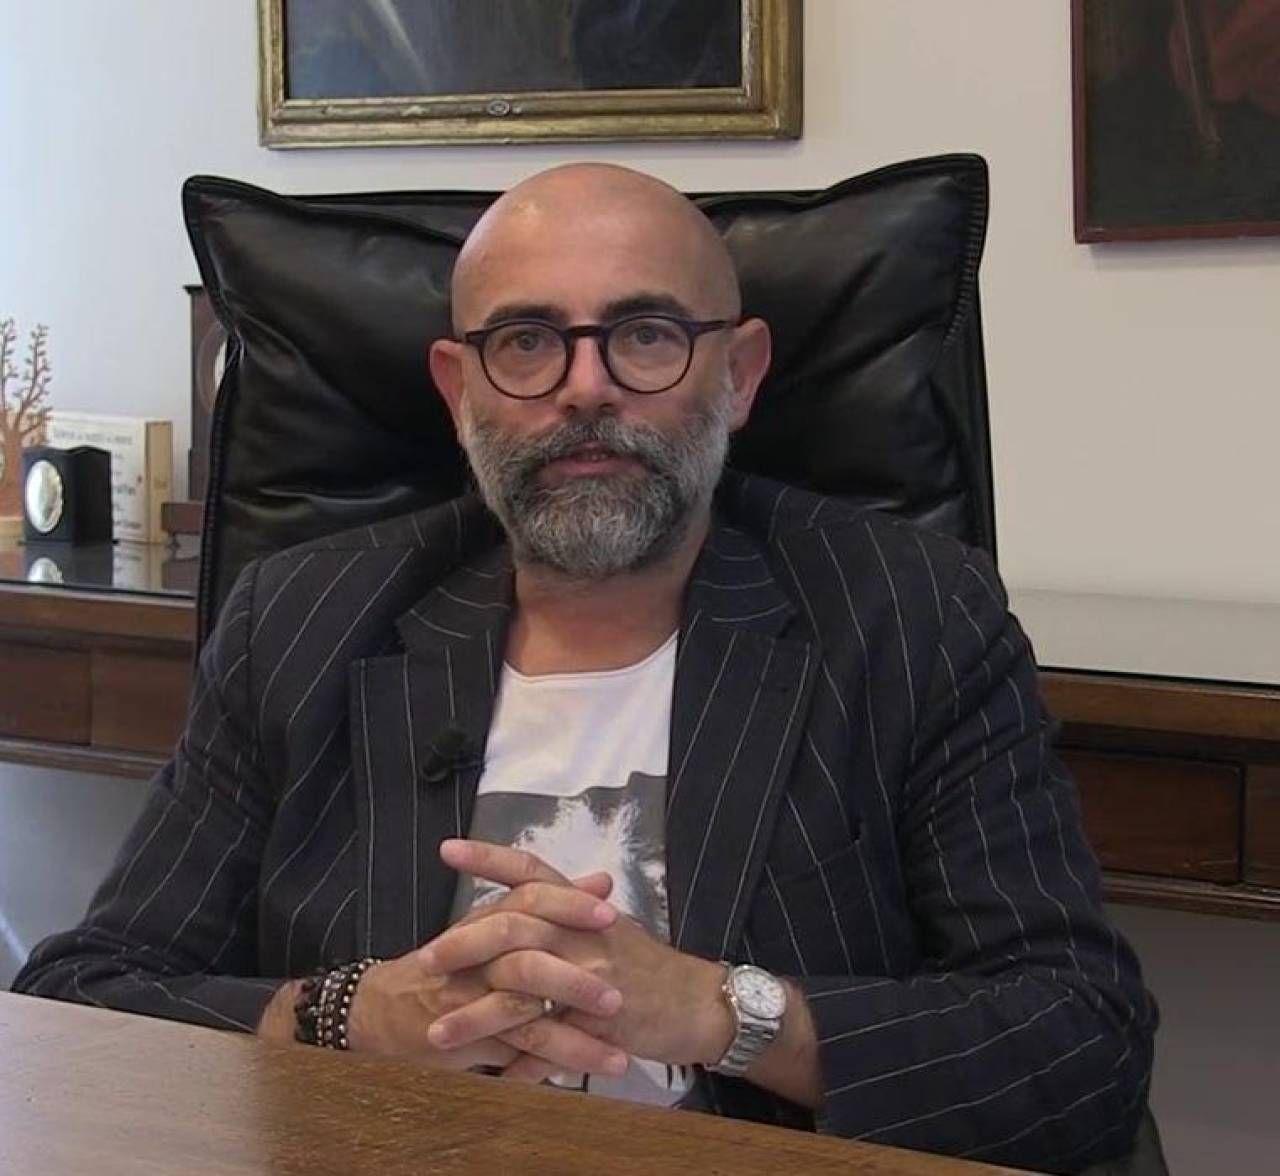 Il direttore generale del Pio Albergo Trivulzio Giuseppe Calicchio, 44 anni